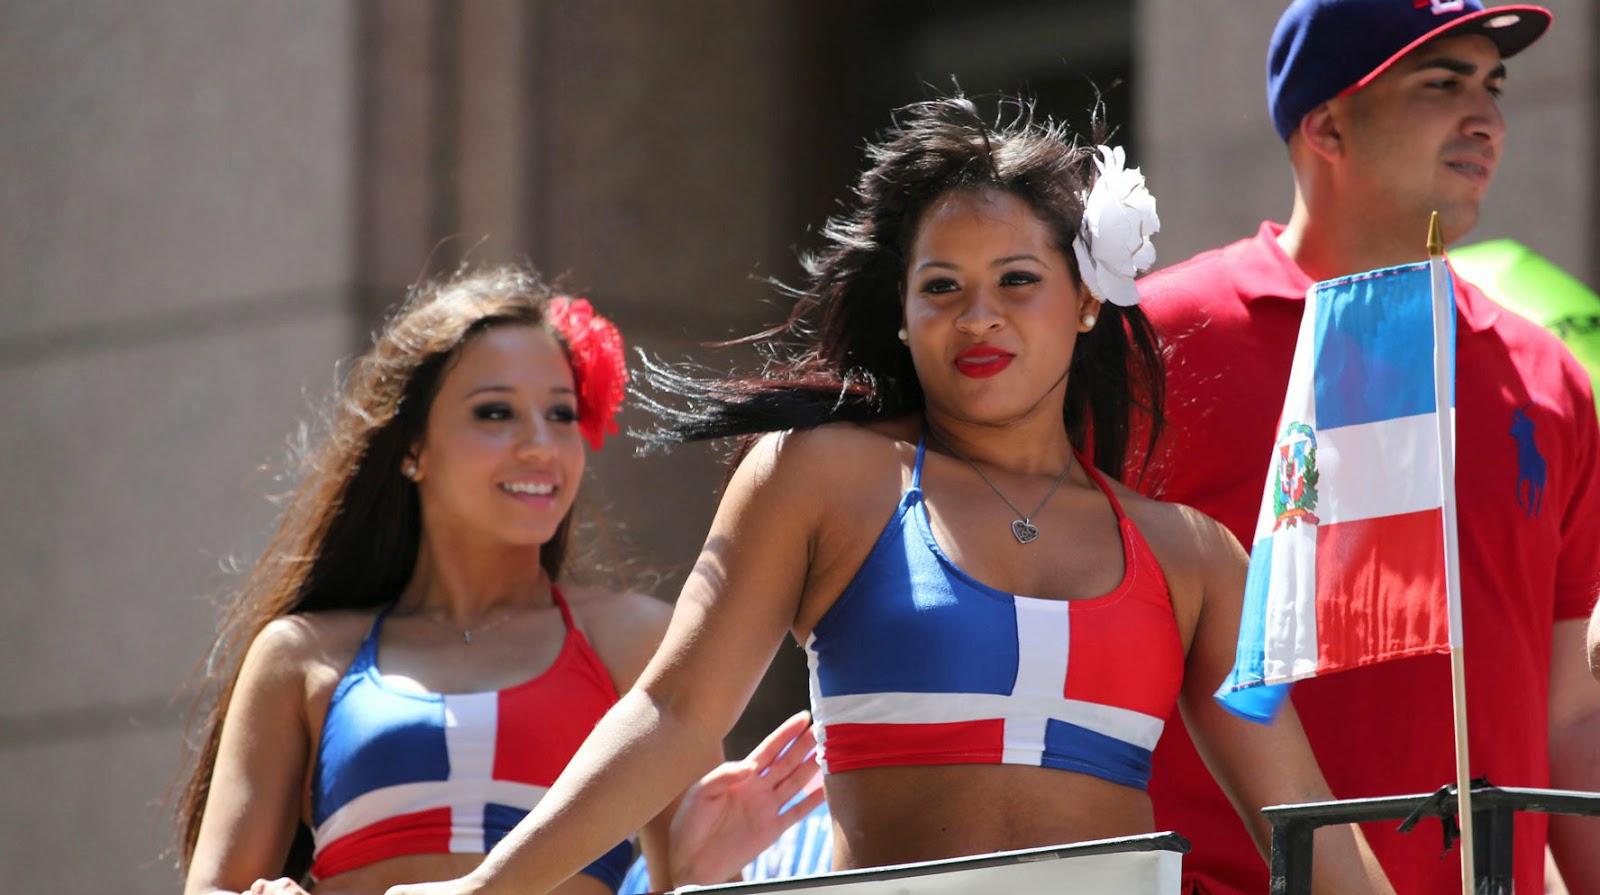 Las chicas  dominicanas mas guapas, espectaculares y  sexys